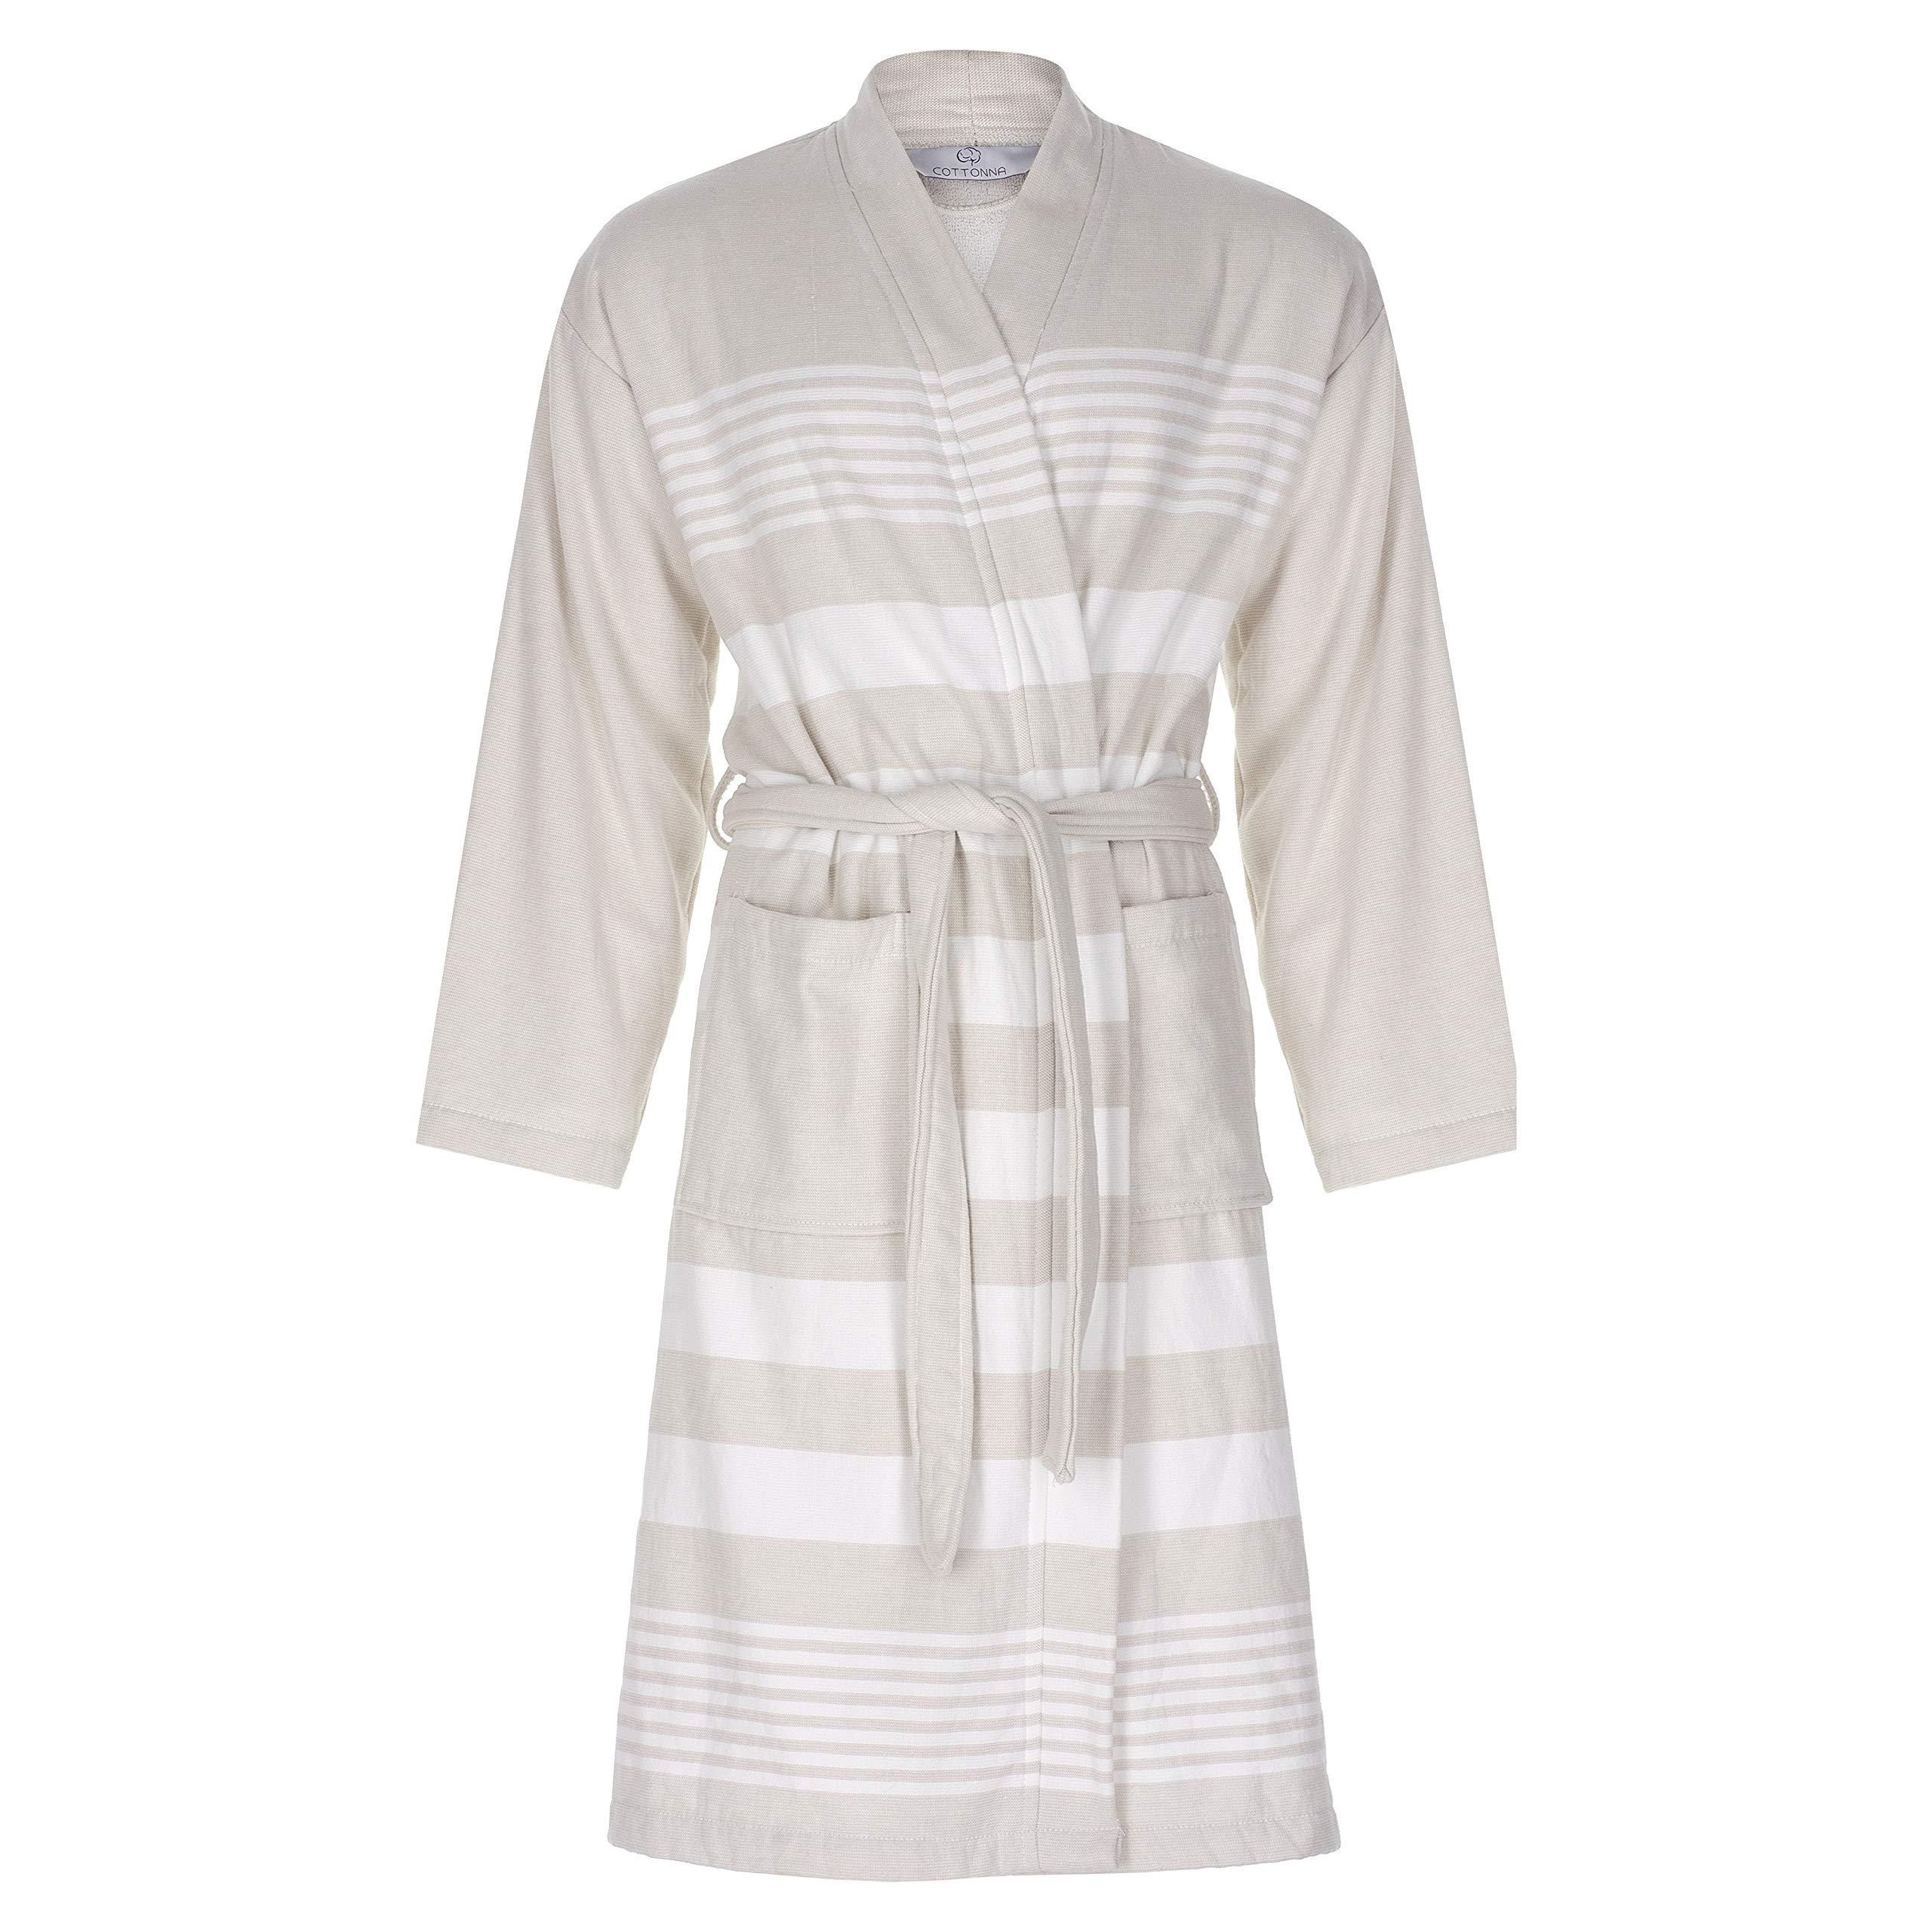 Cottonna 100% Turkish Cotton PeshTerry Bathrobe - Terry Cloth Interior and Peshtemal Exterior - Fouta Robe Hammam Collection (Moon-White)